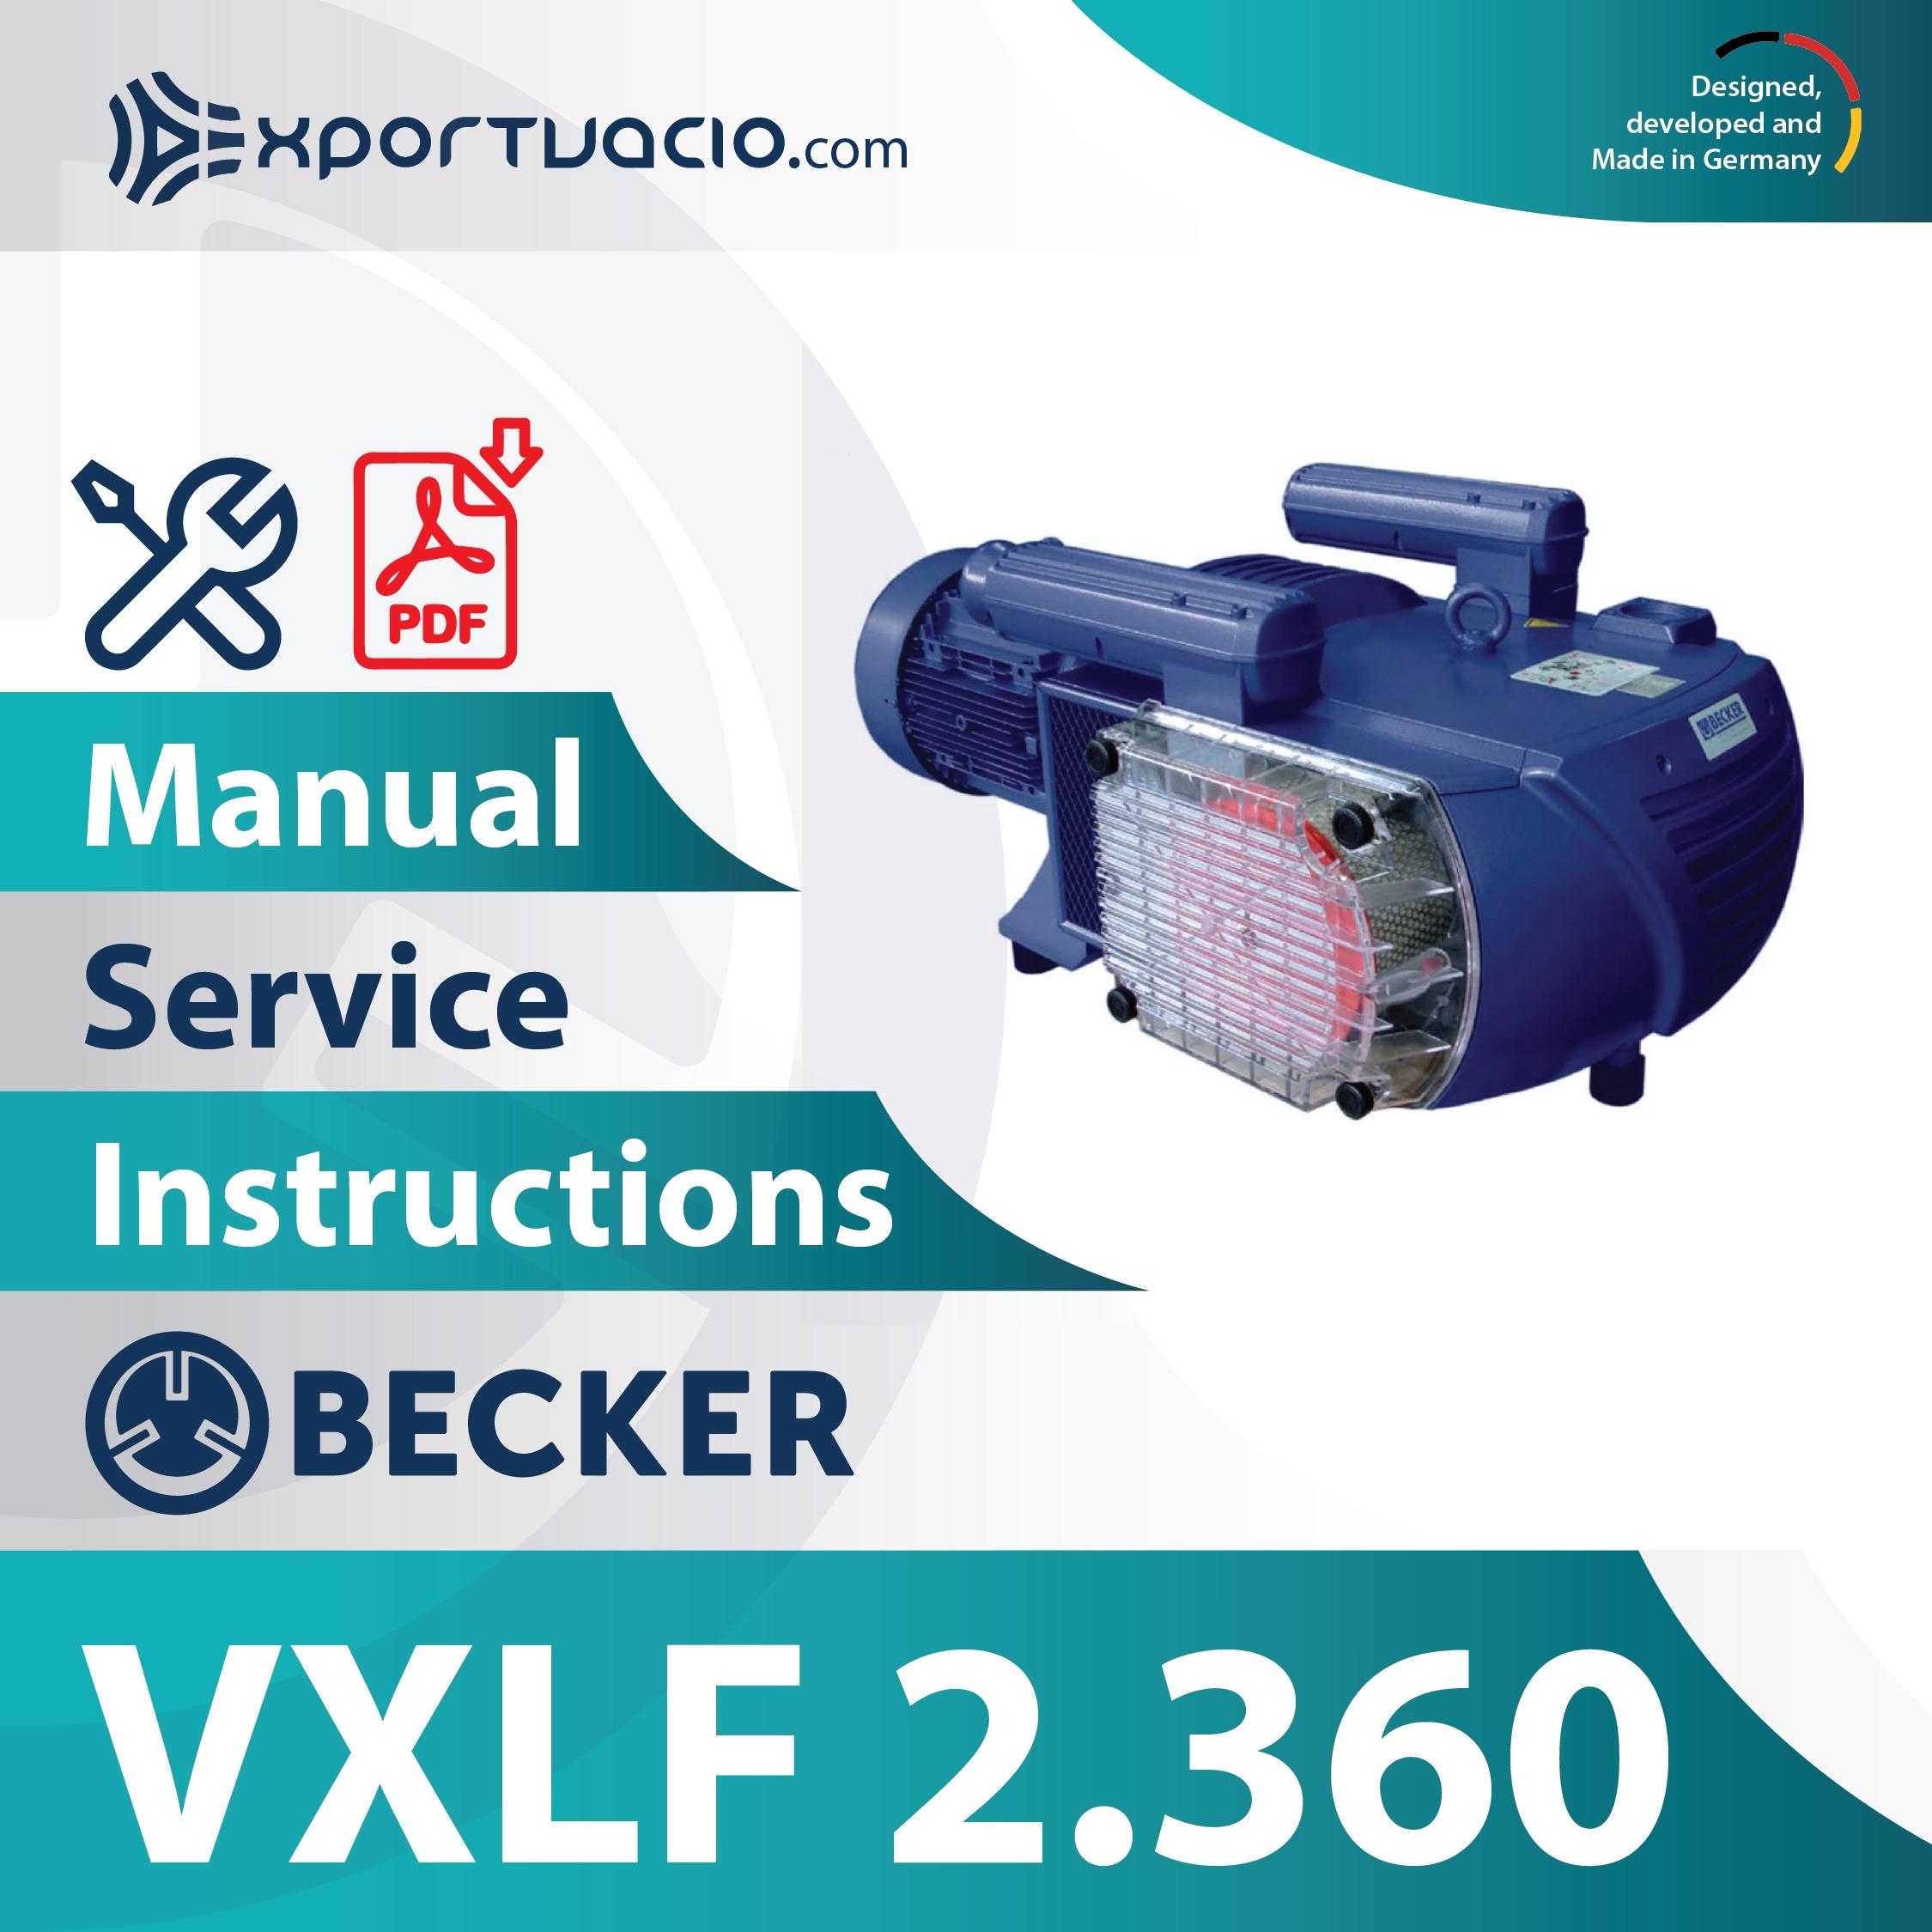 Becker VXLF 2.360